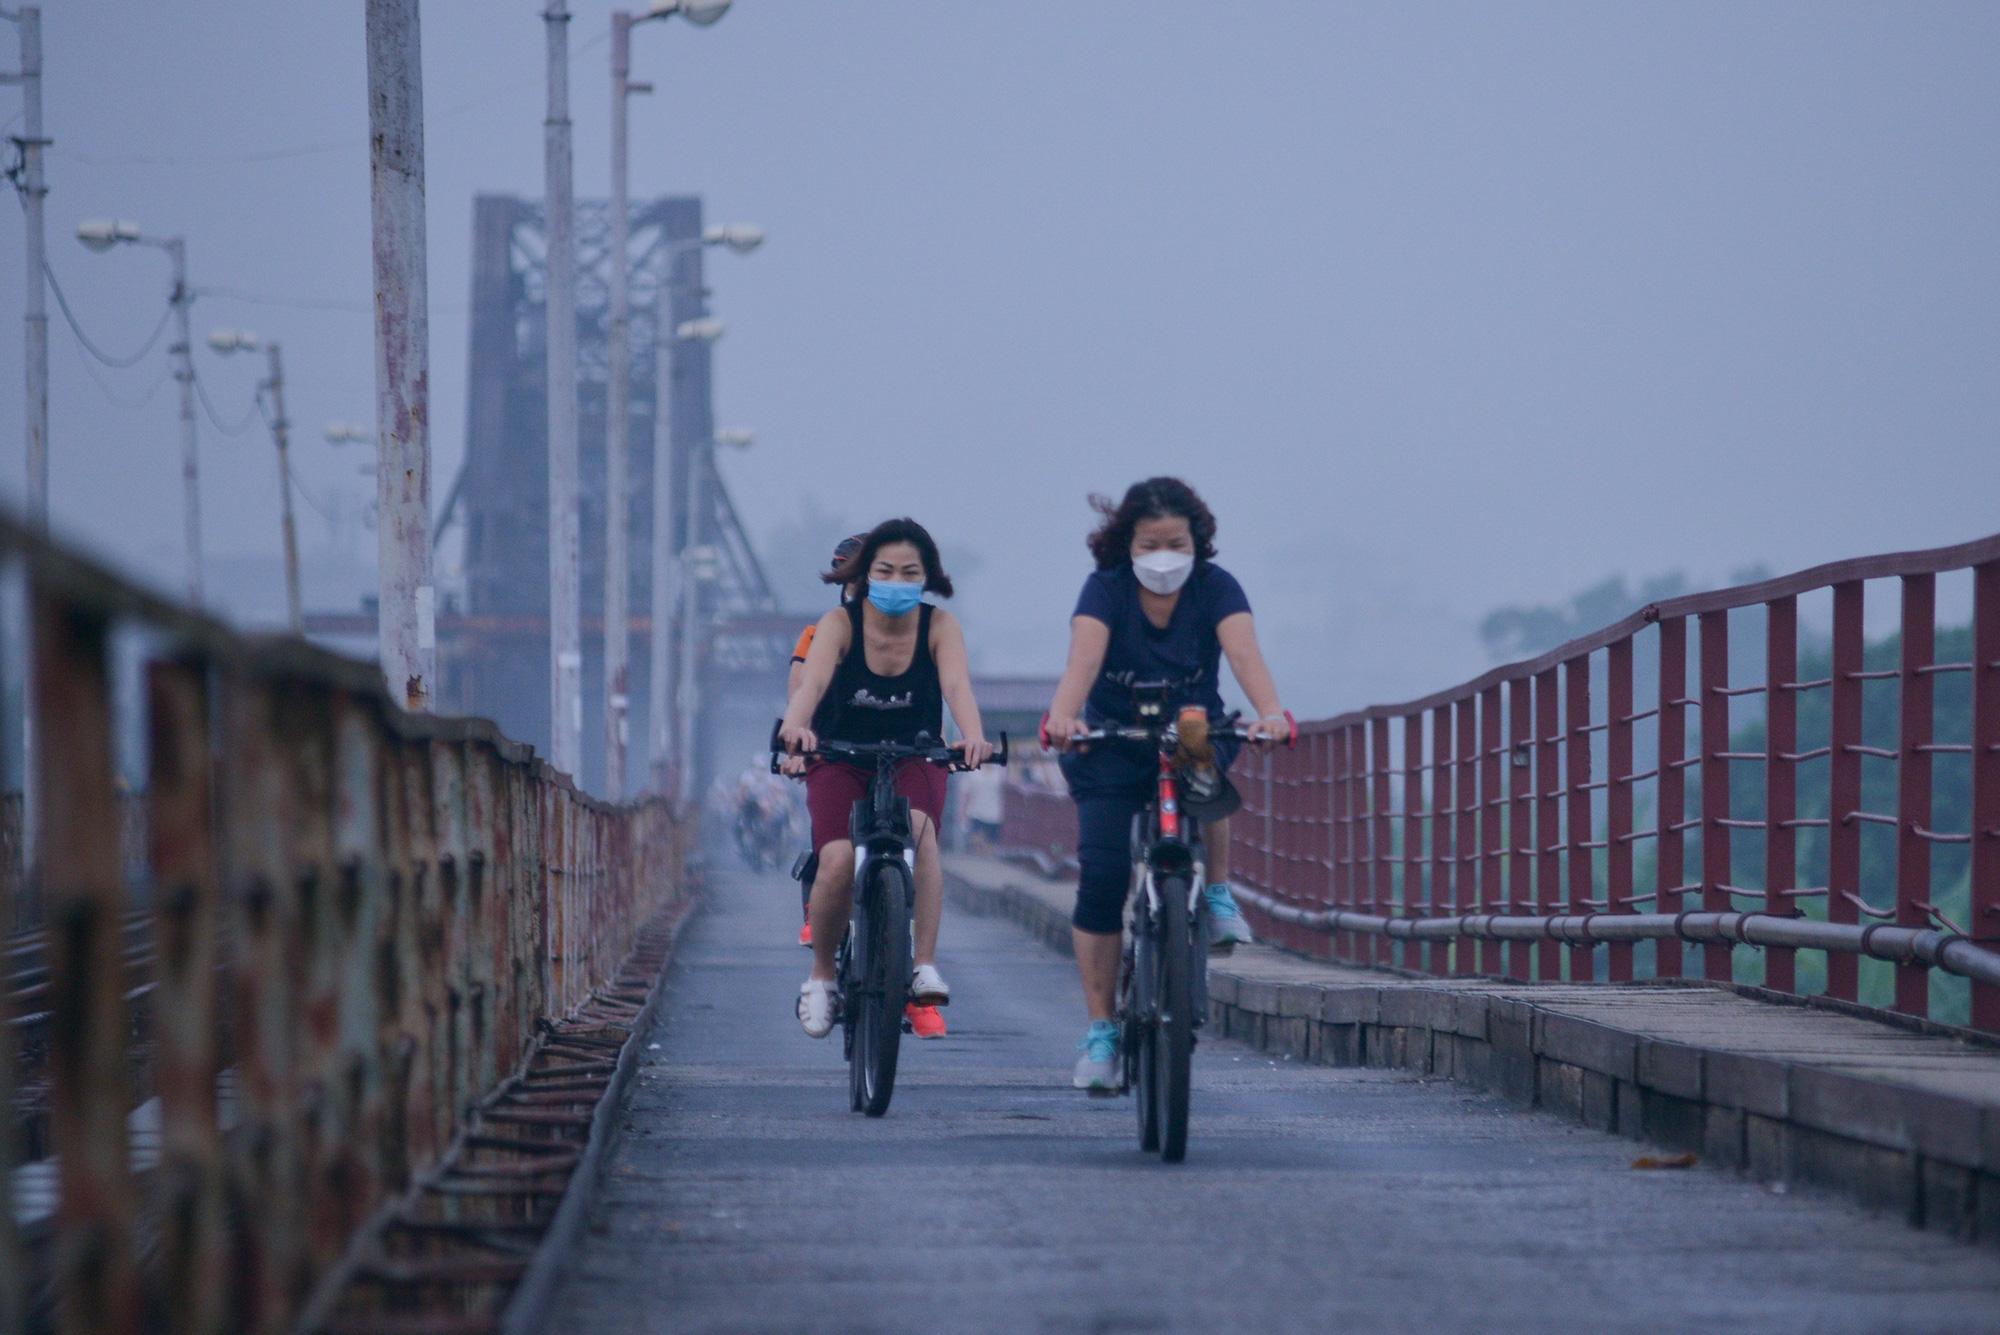 Bình minh trên những cây cầu sau khi Hà Nội nới lỏng giãn cách xã hội - Ảnh 10.